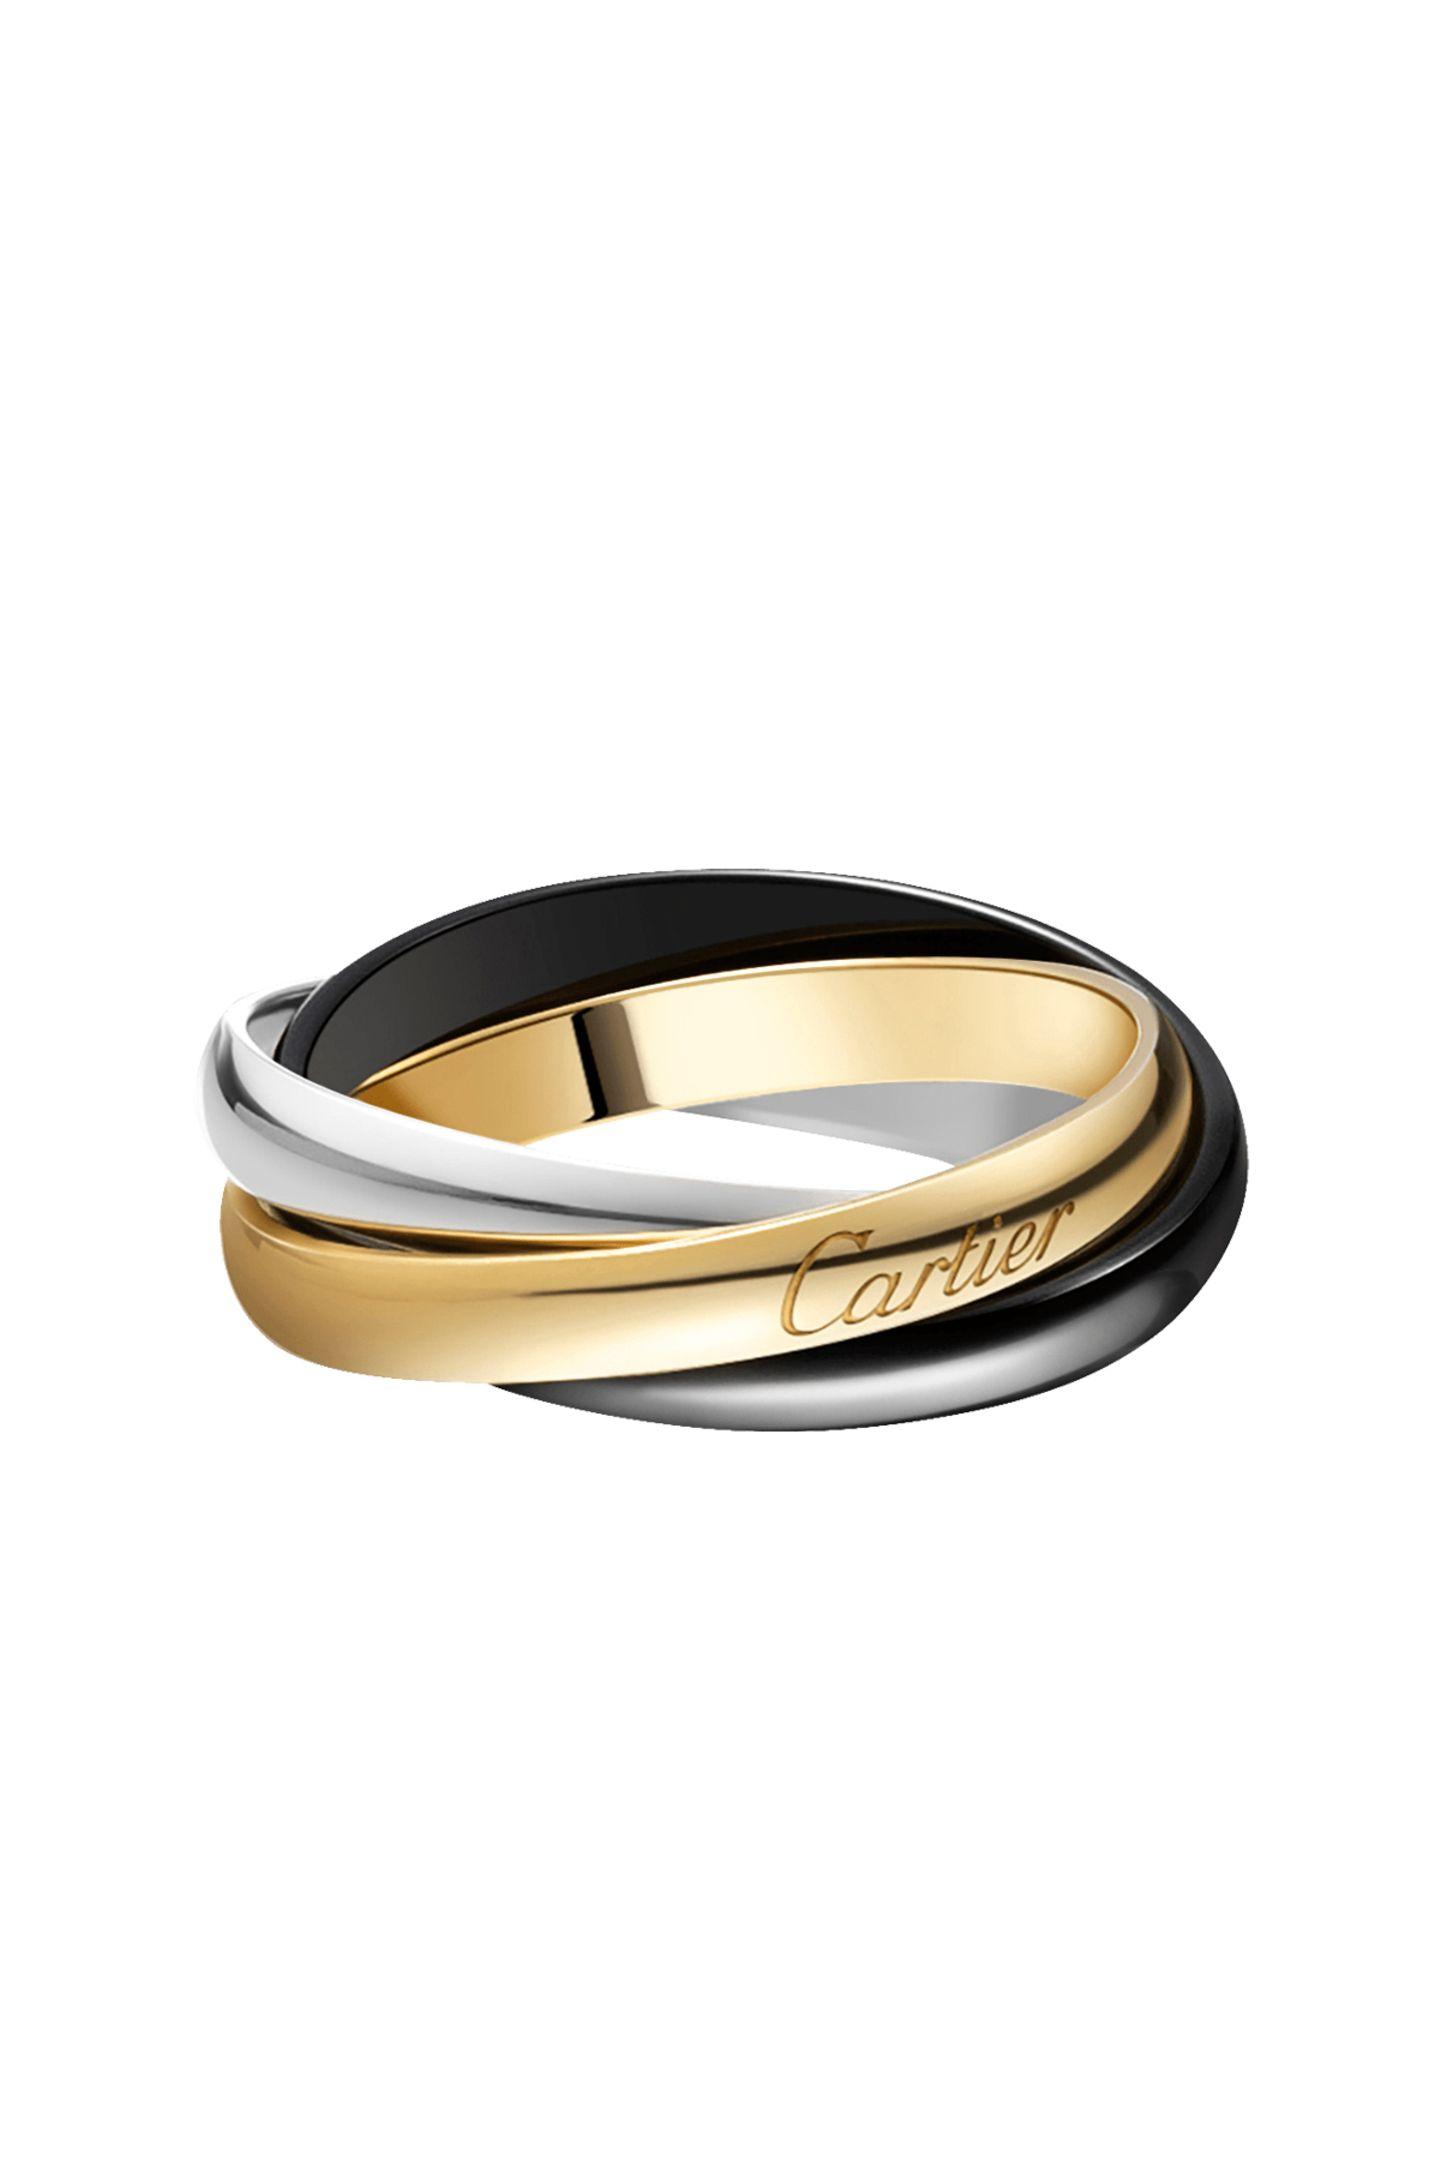 Klassiker reloadedKaum ein anderer Ring ist so ikonisch wie der Trinity Ring. In einer neuen Limited Edition wurde Roségold durch schwarze Keramik ersetzt und der Klassiker so modern und stilvoll neuinterpretiert. Von Cartier, ca. 960Euro (erhältlich ab Mitte Januar 2021)